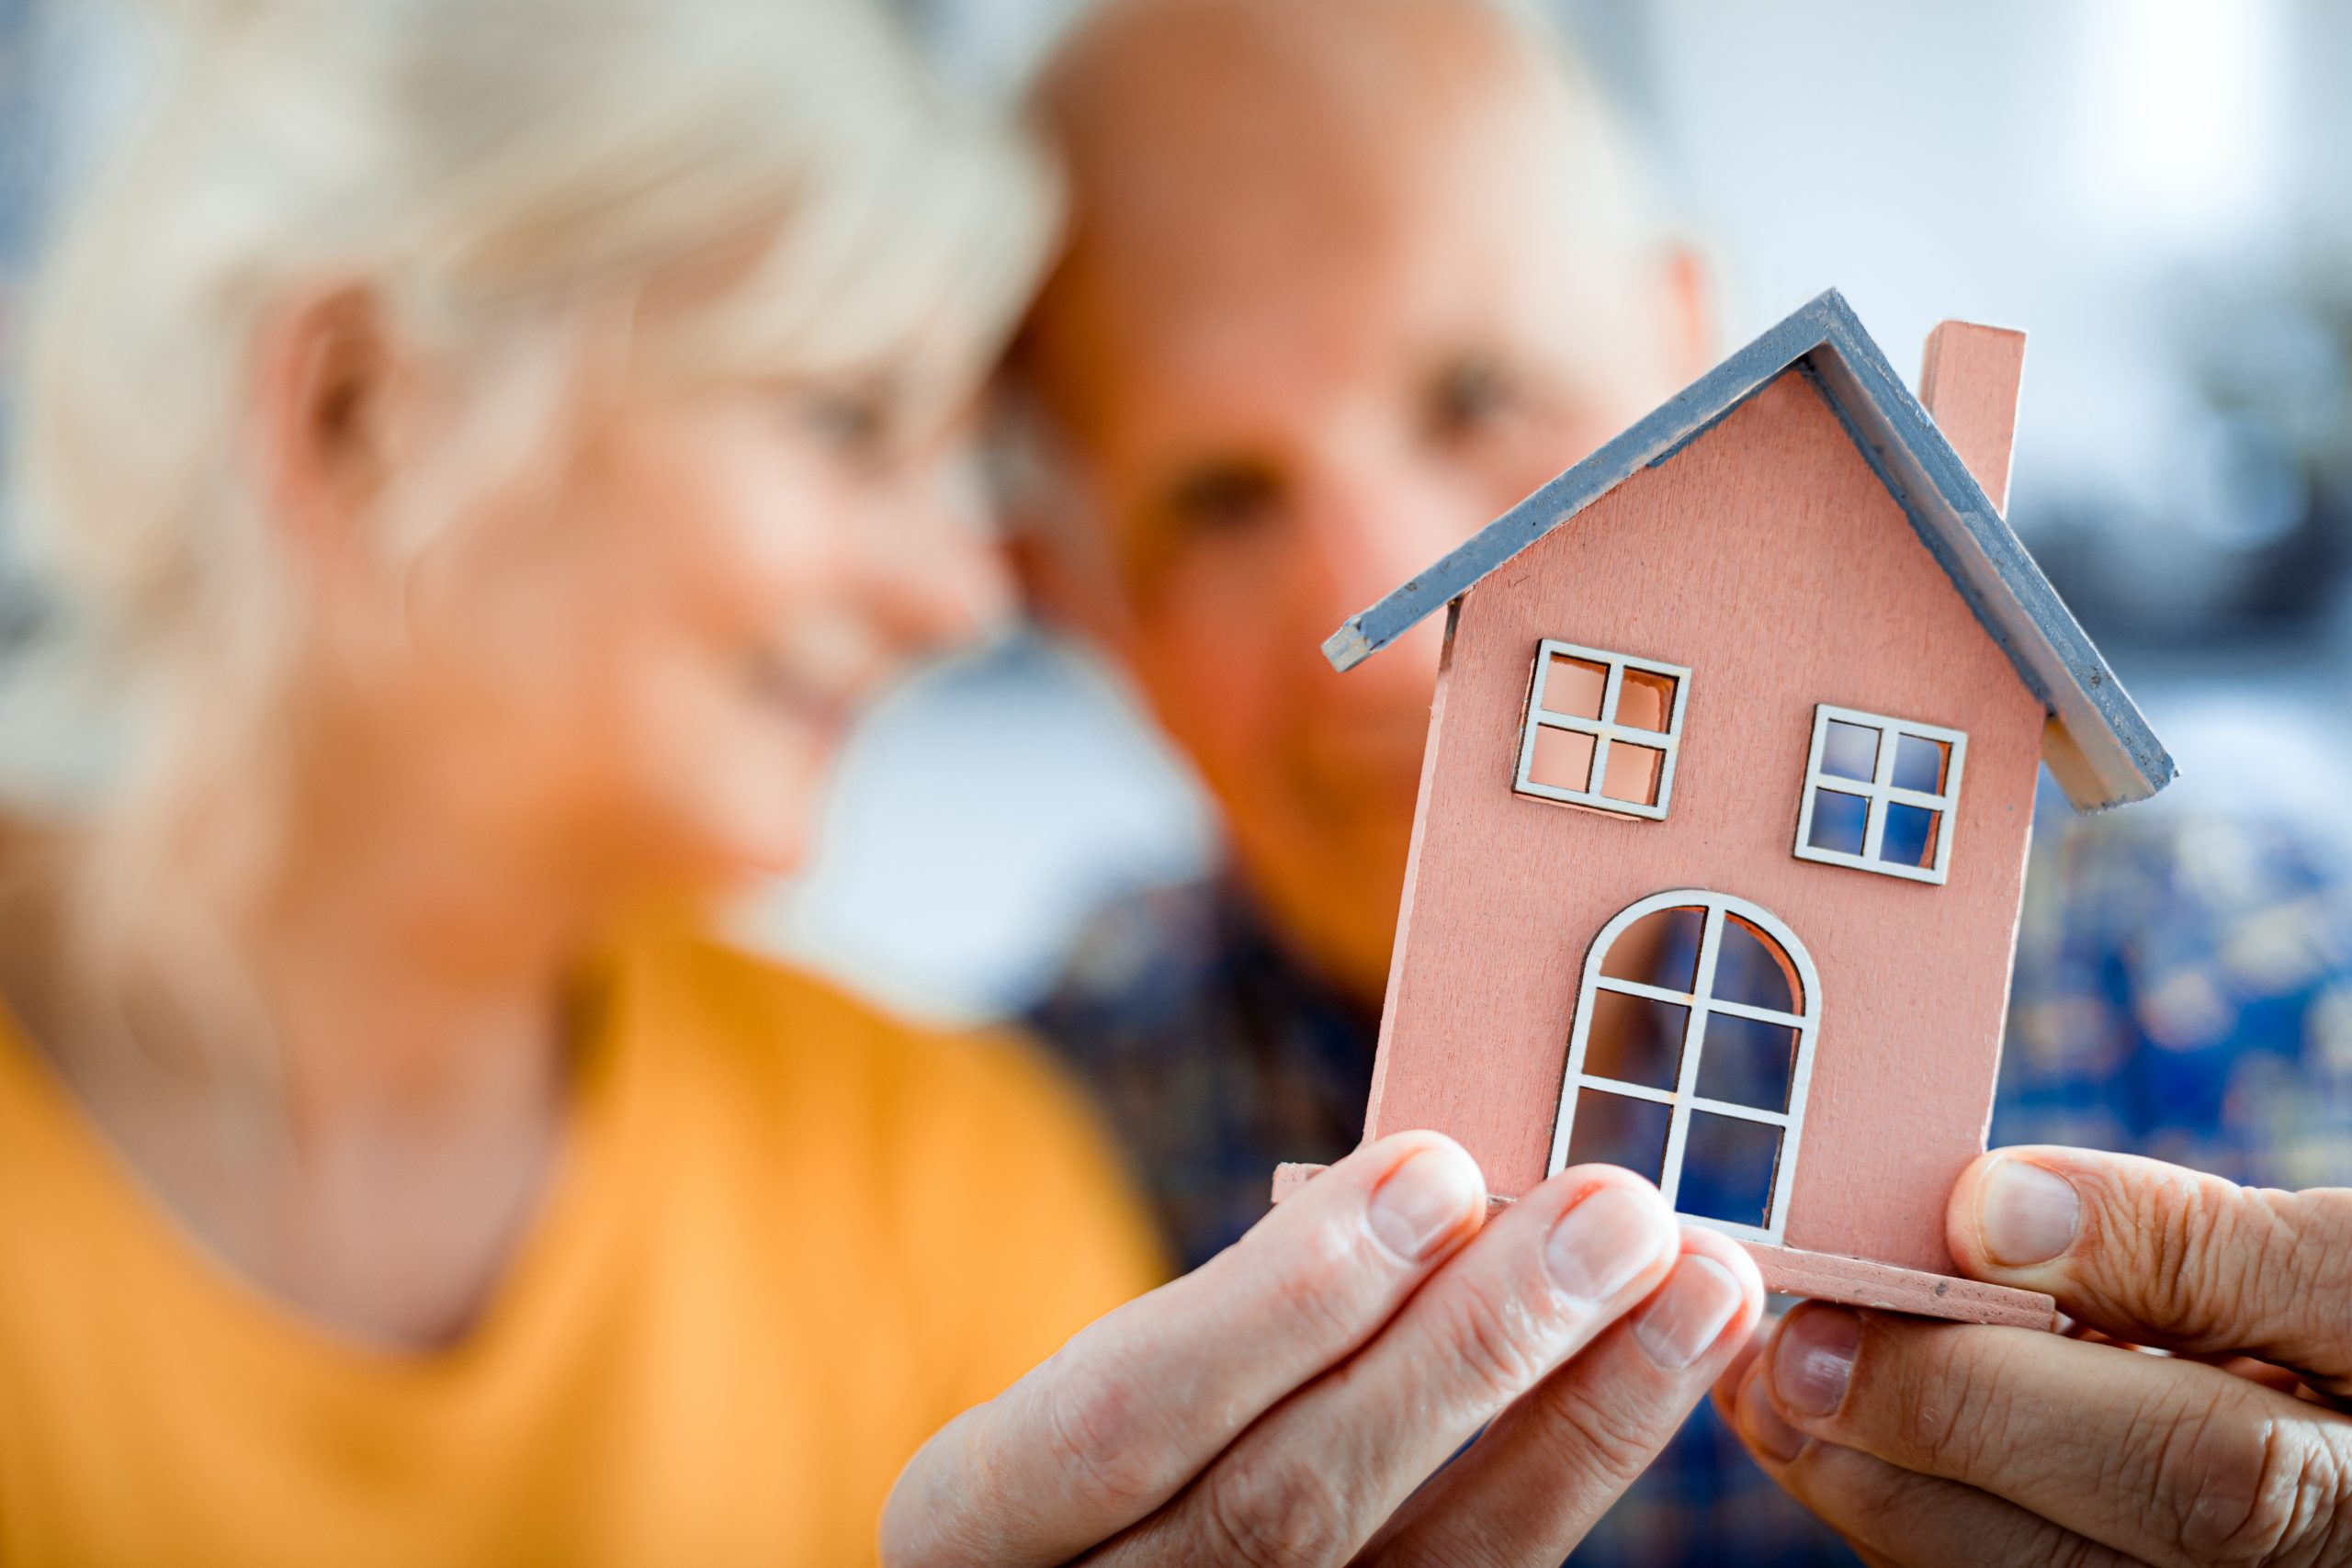 老後に移住するならどこがいい?人気の地域や物価を紹介!